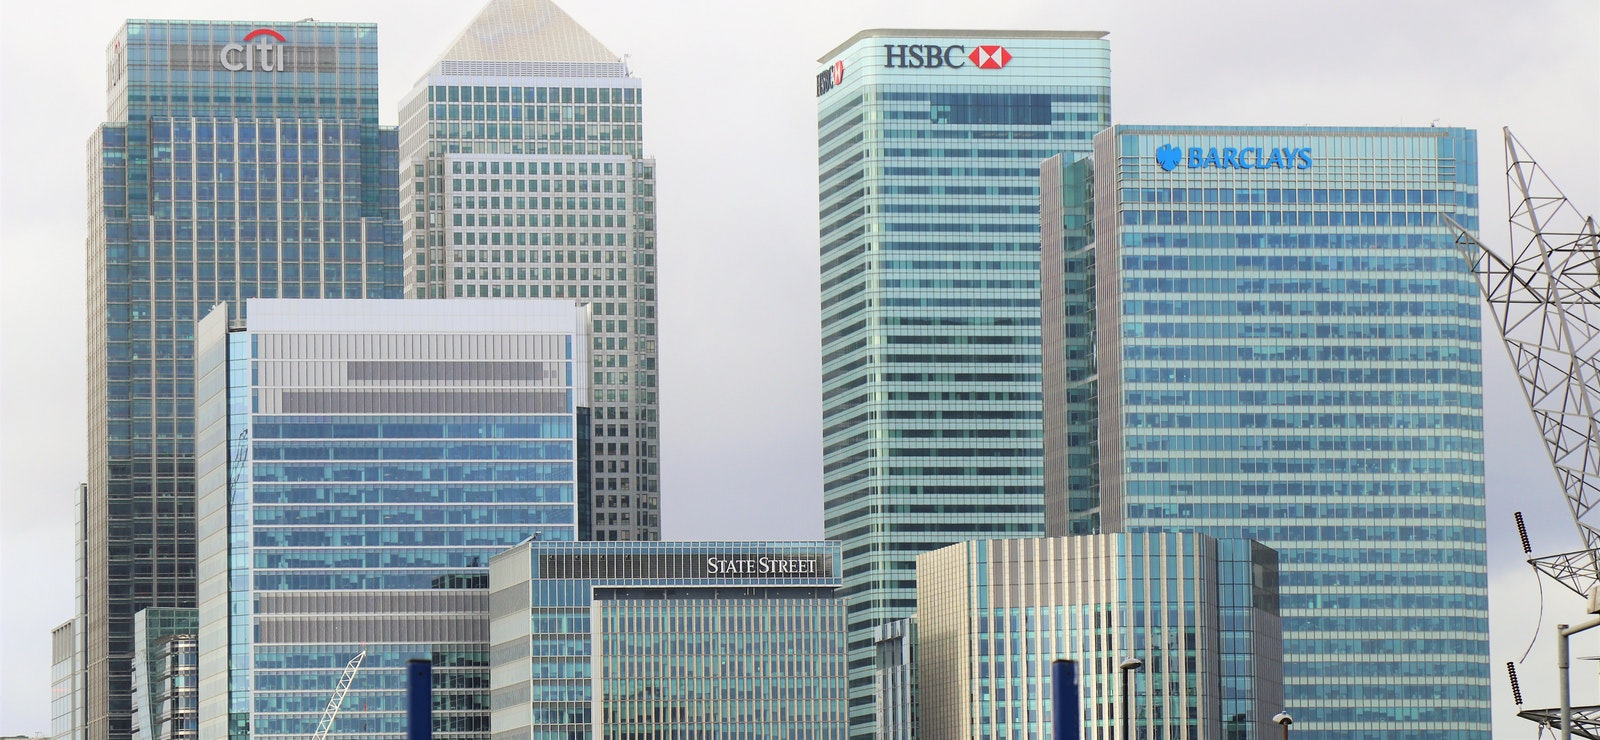 MREL/TLAC, de nouveaux standards pour renforcer la robustesse des banques